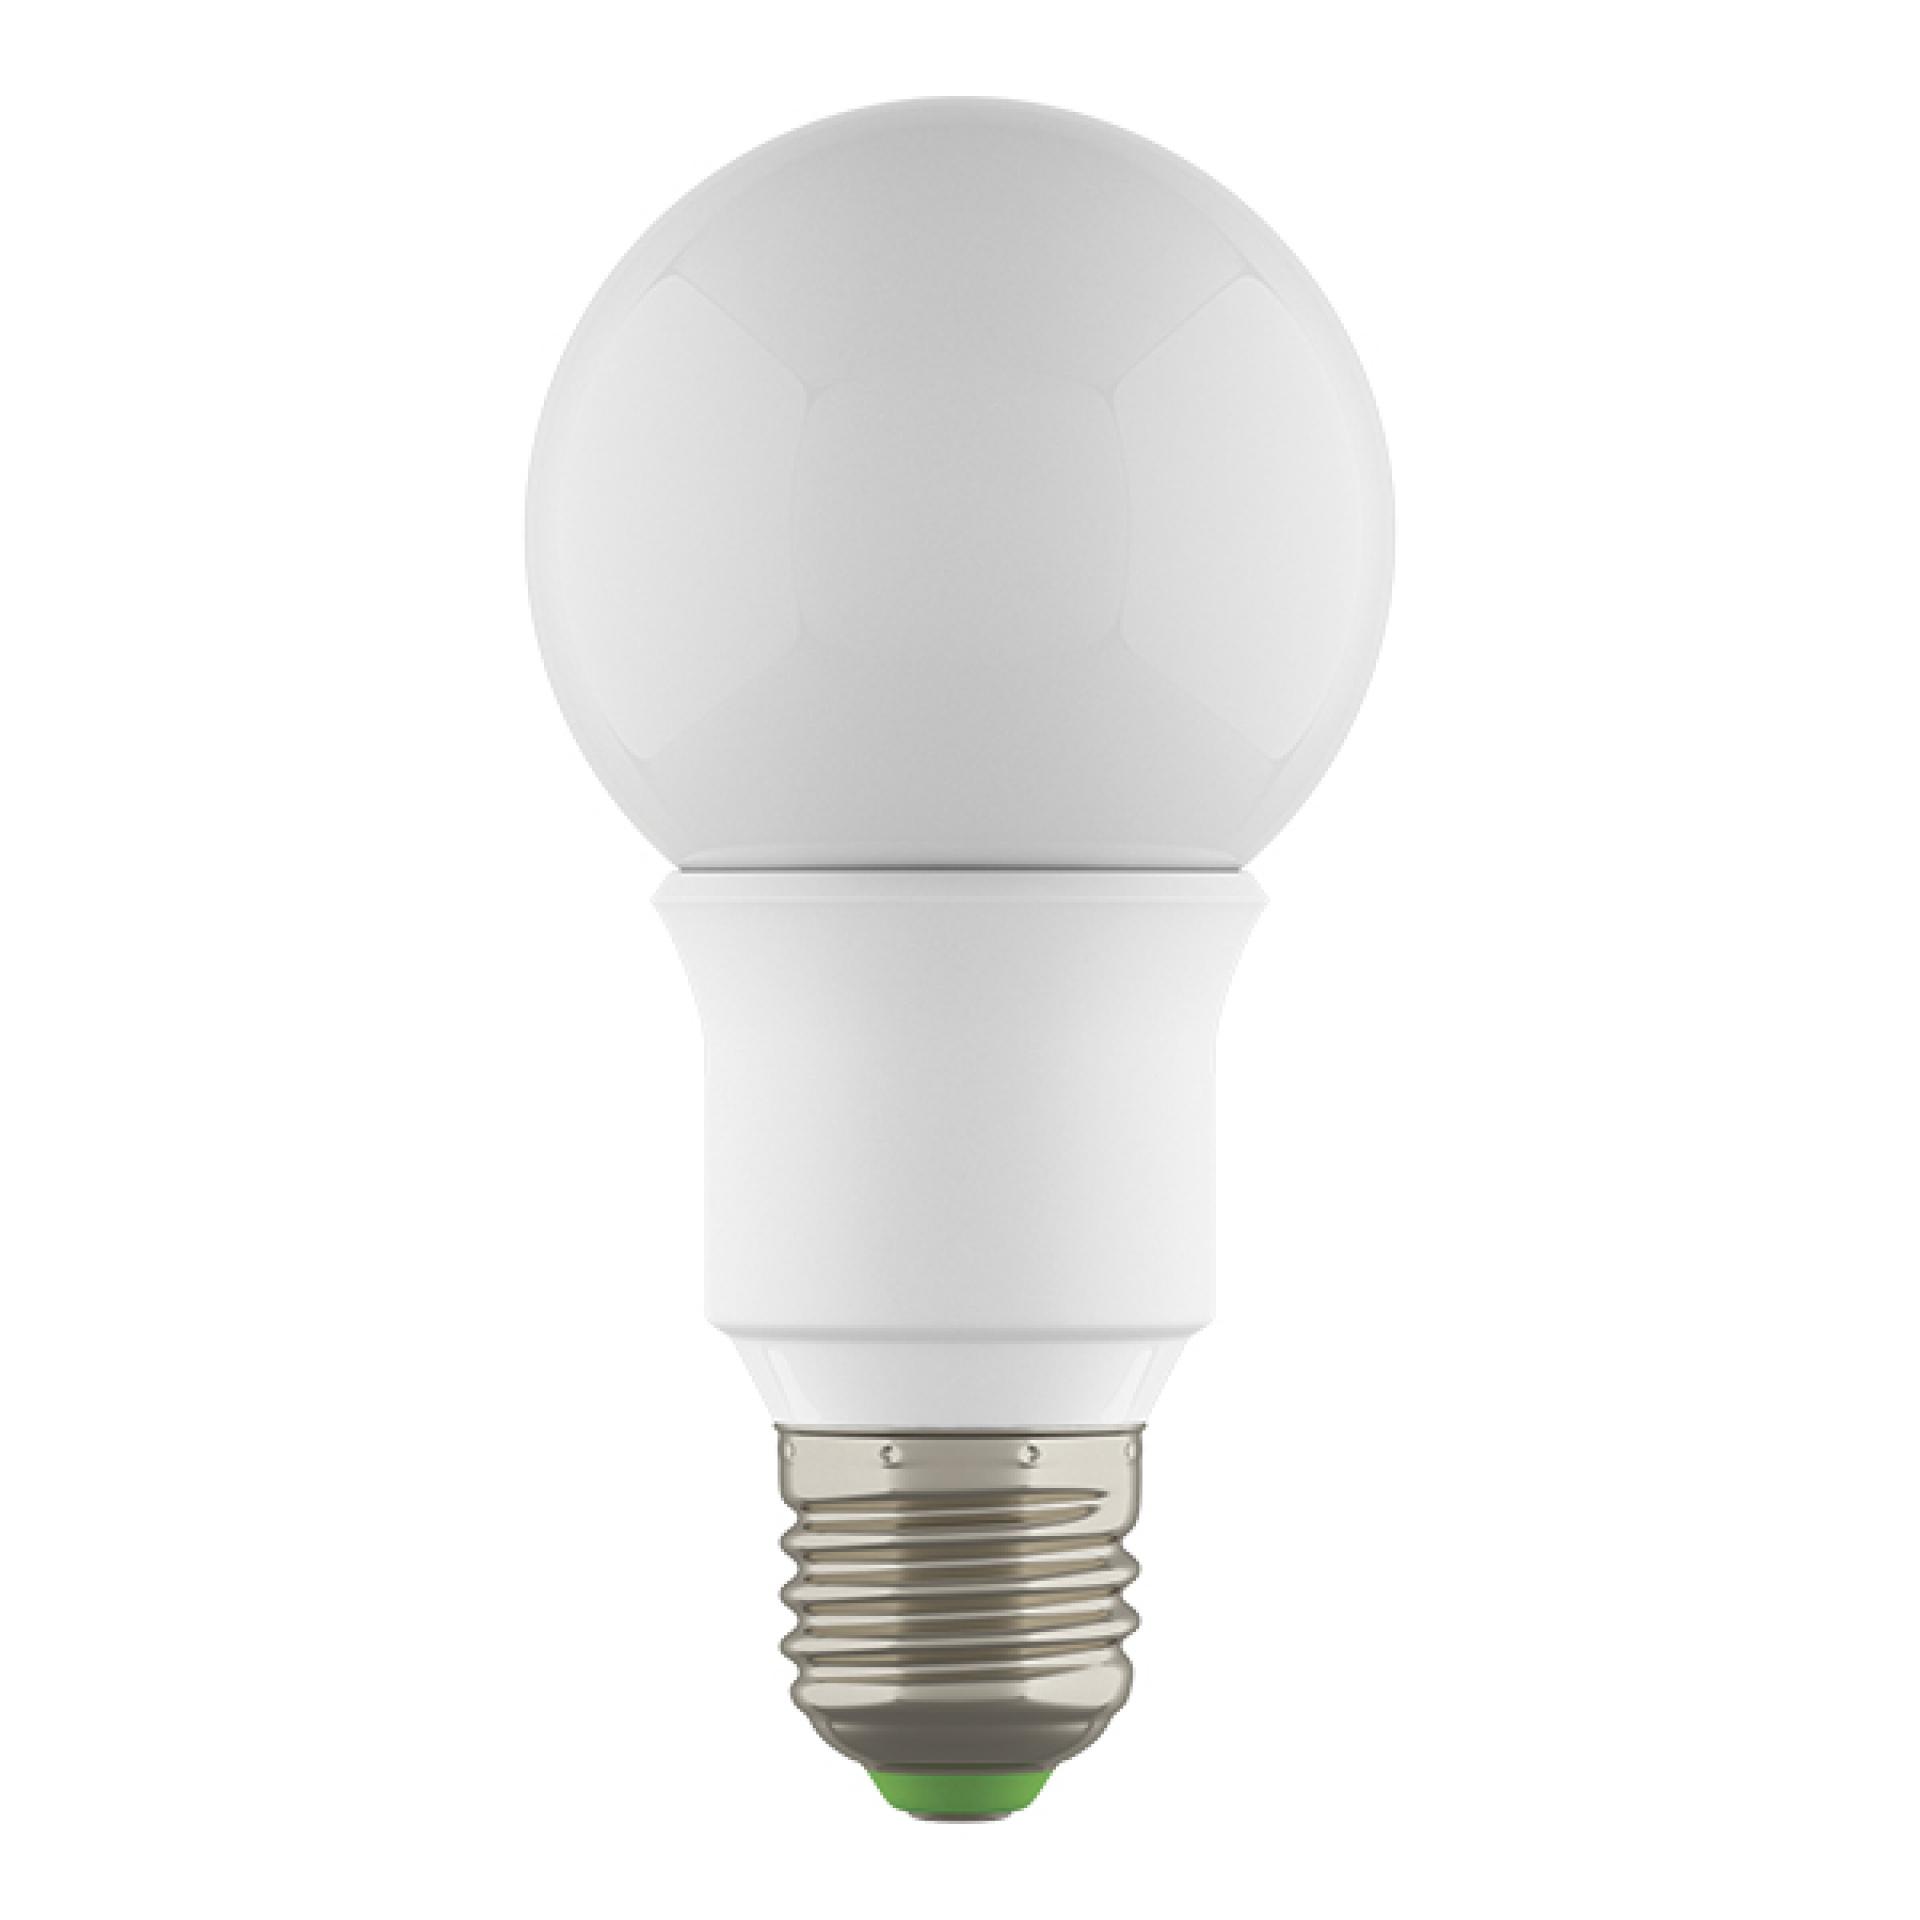 Лампа LED 220V A60 E27 6W=60W 520LM 360G WH 4000K 20000H DIMM Lightstar 931004, купить в СПб, Москве, с доставкой, Санкт-Петербург, интернет-магазин люстр и светильников Starlight, фото в жизни